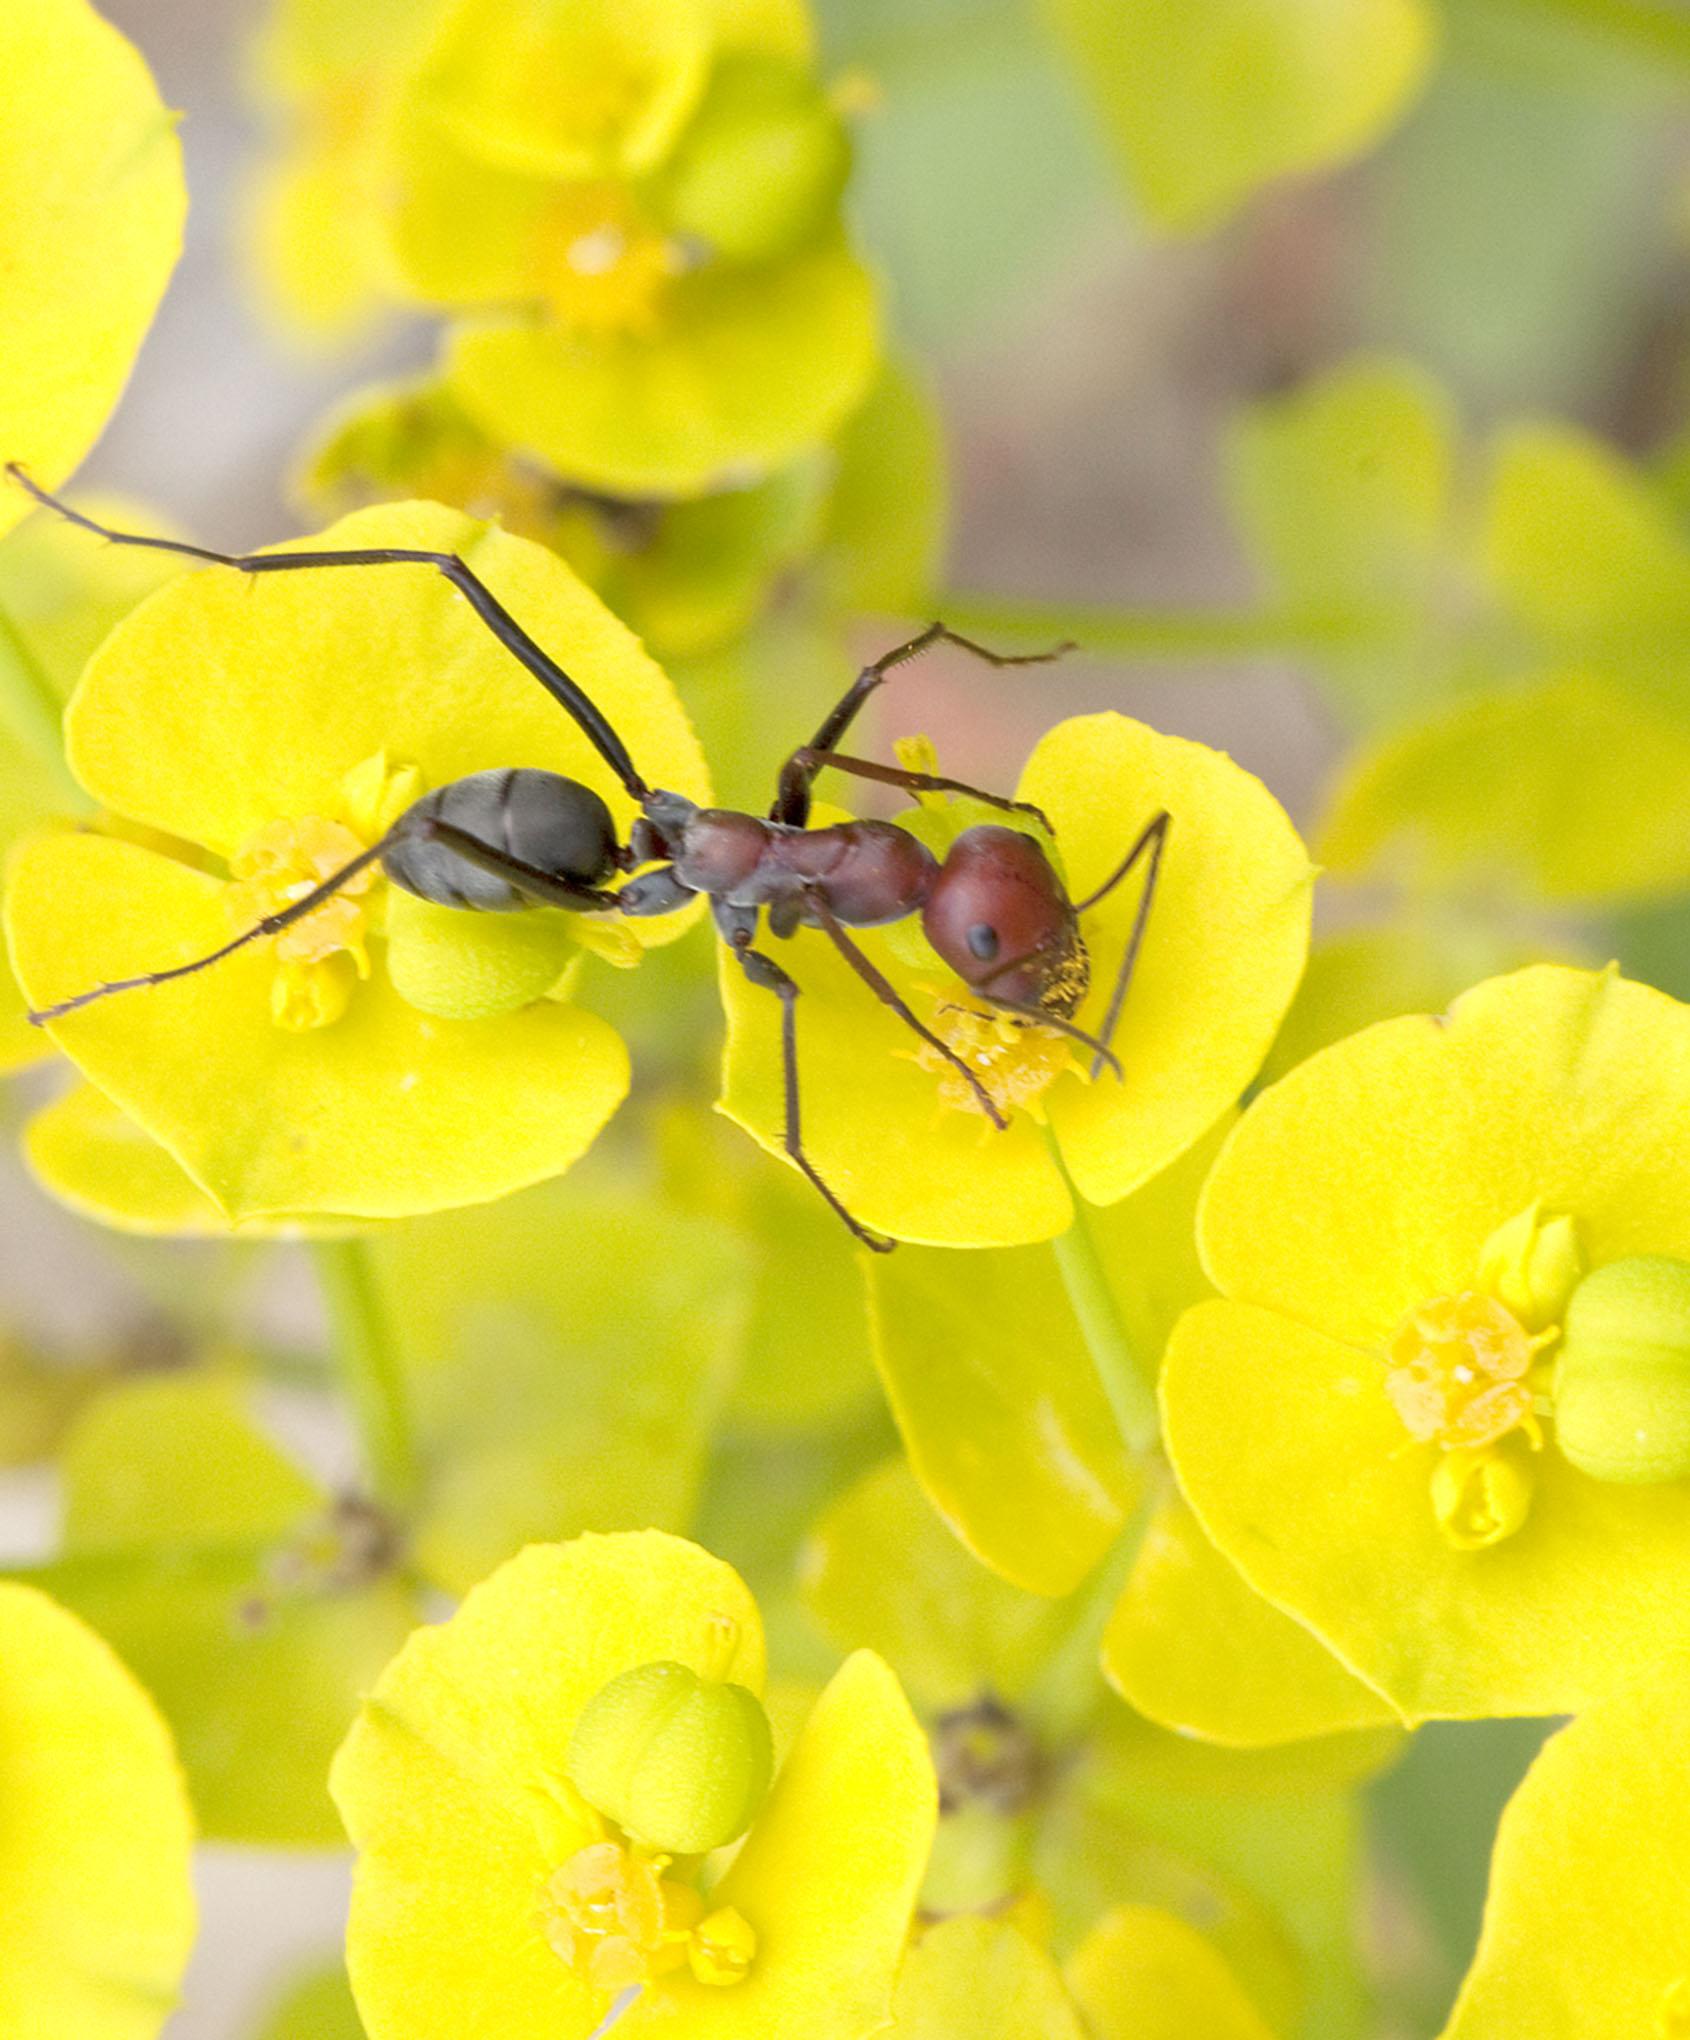 Ants - 1